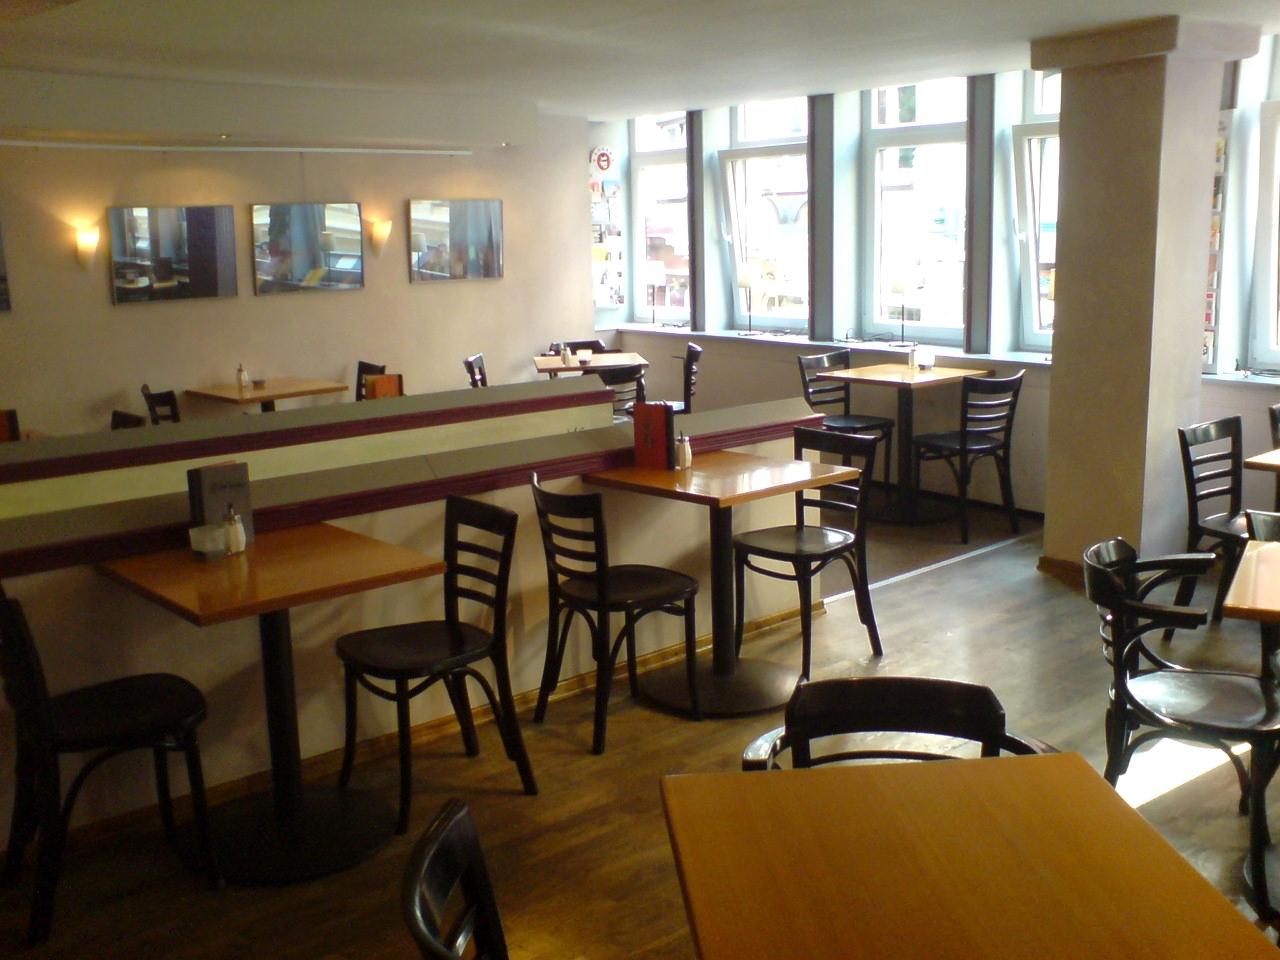 Cafe Konrad Hannover Speisekarte